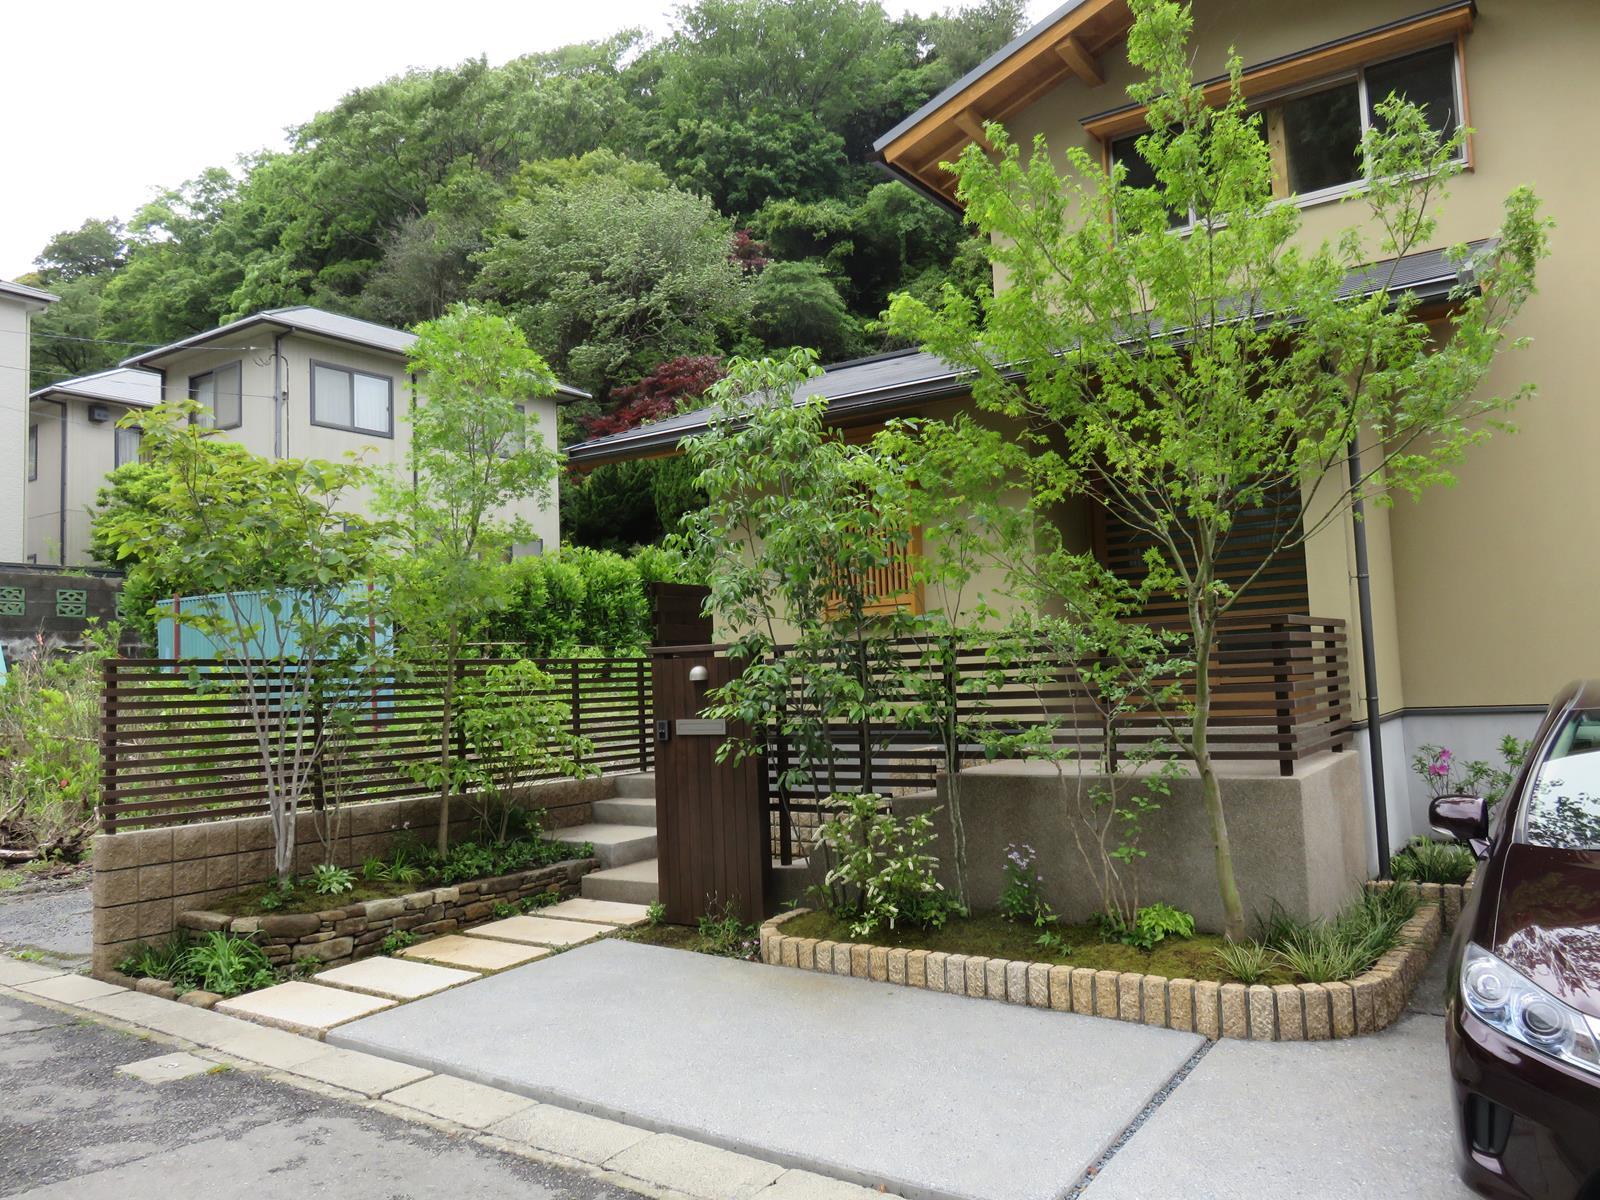 坪庭のあるお家